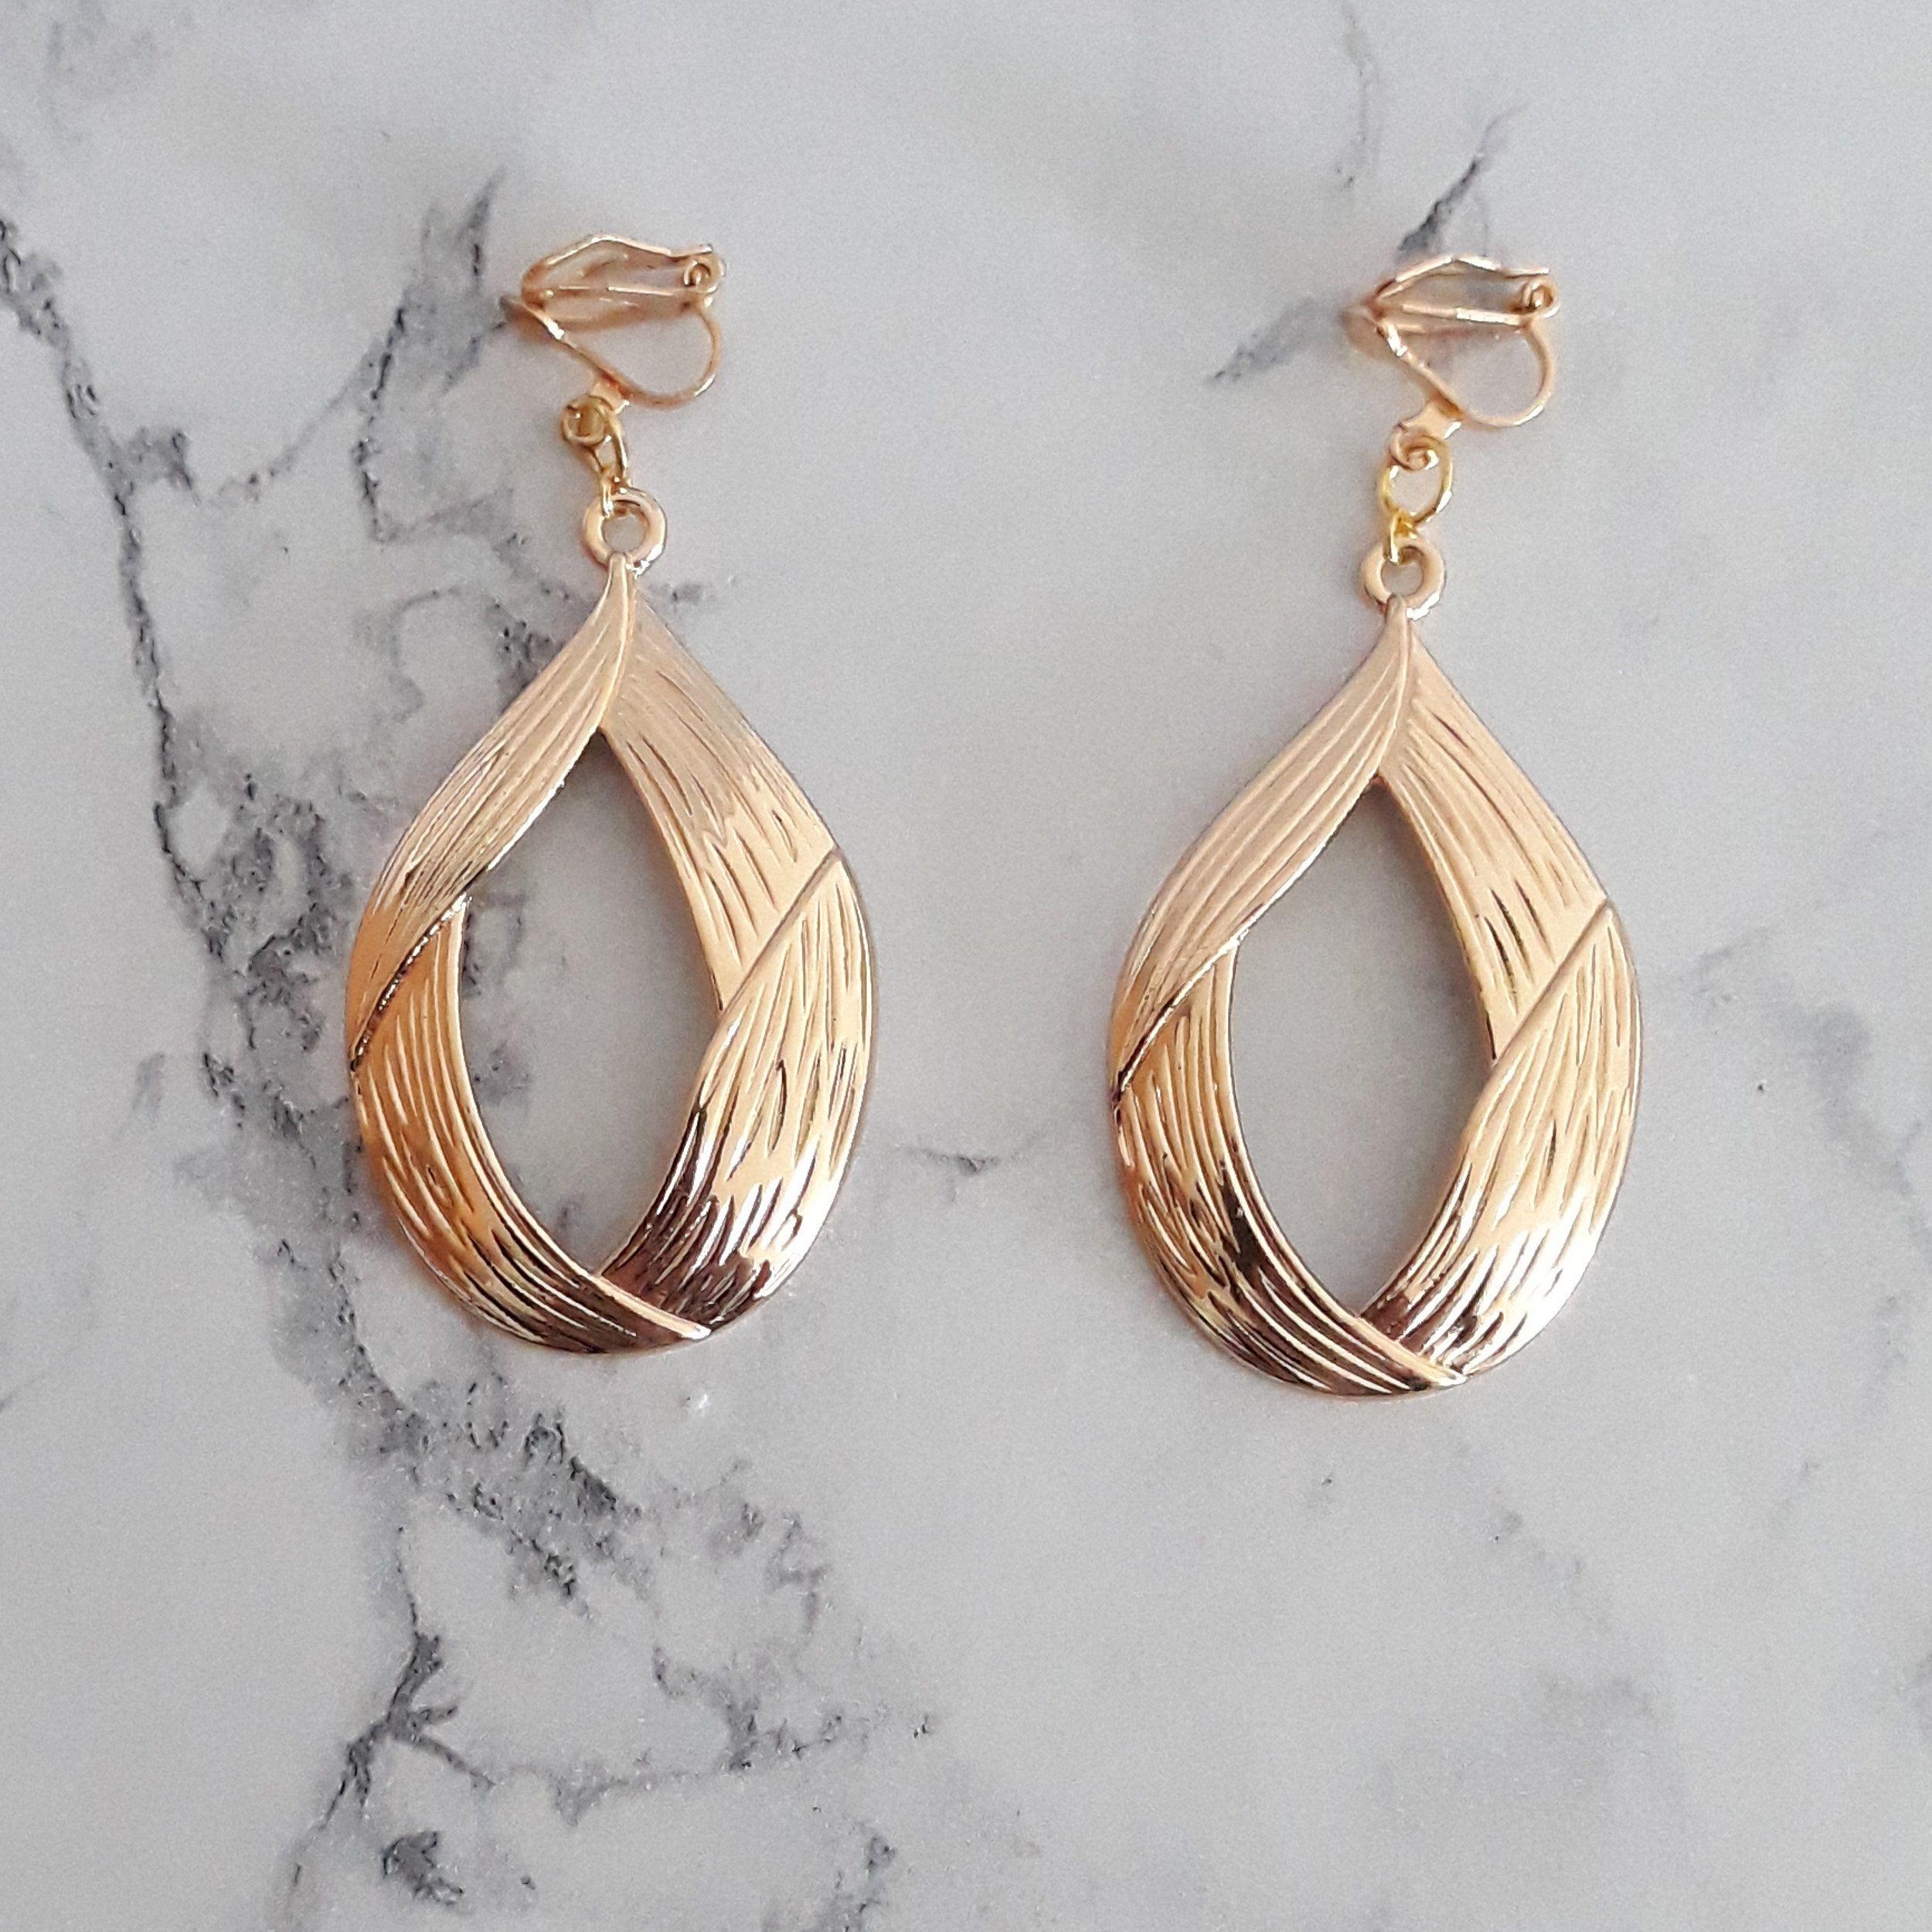 Boucles d/'oreilles créole dorées 5 cms Idée cadeau Bijoux fantaisie